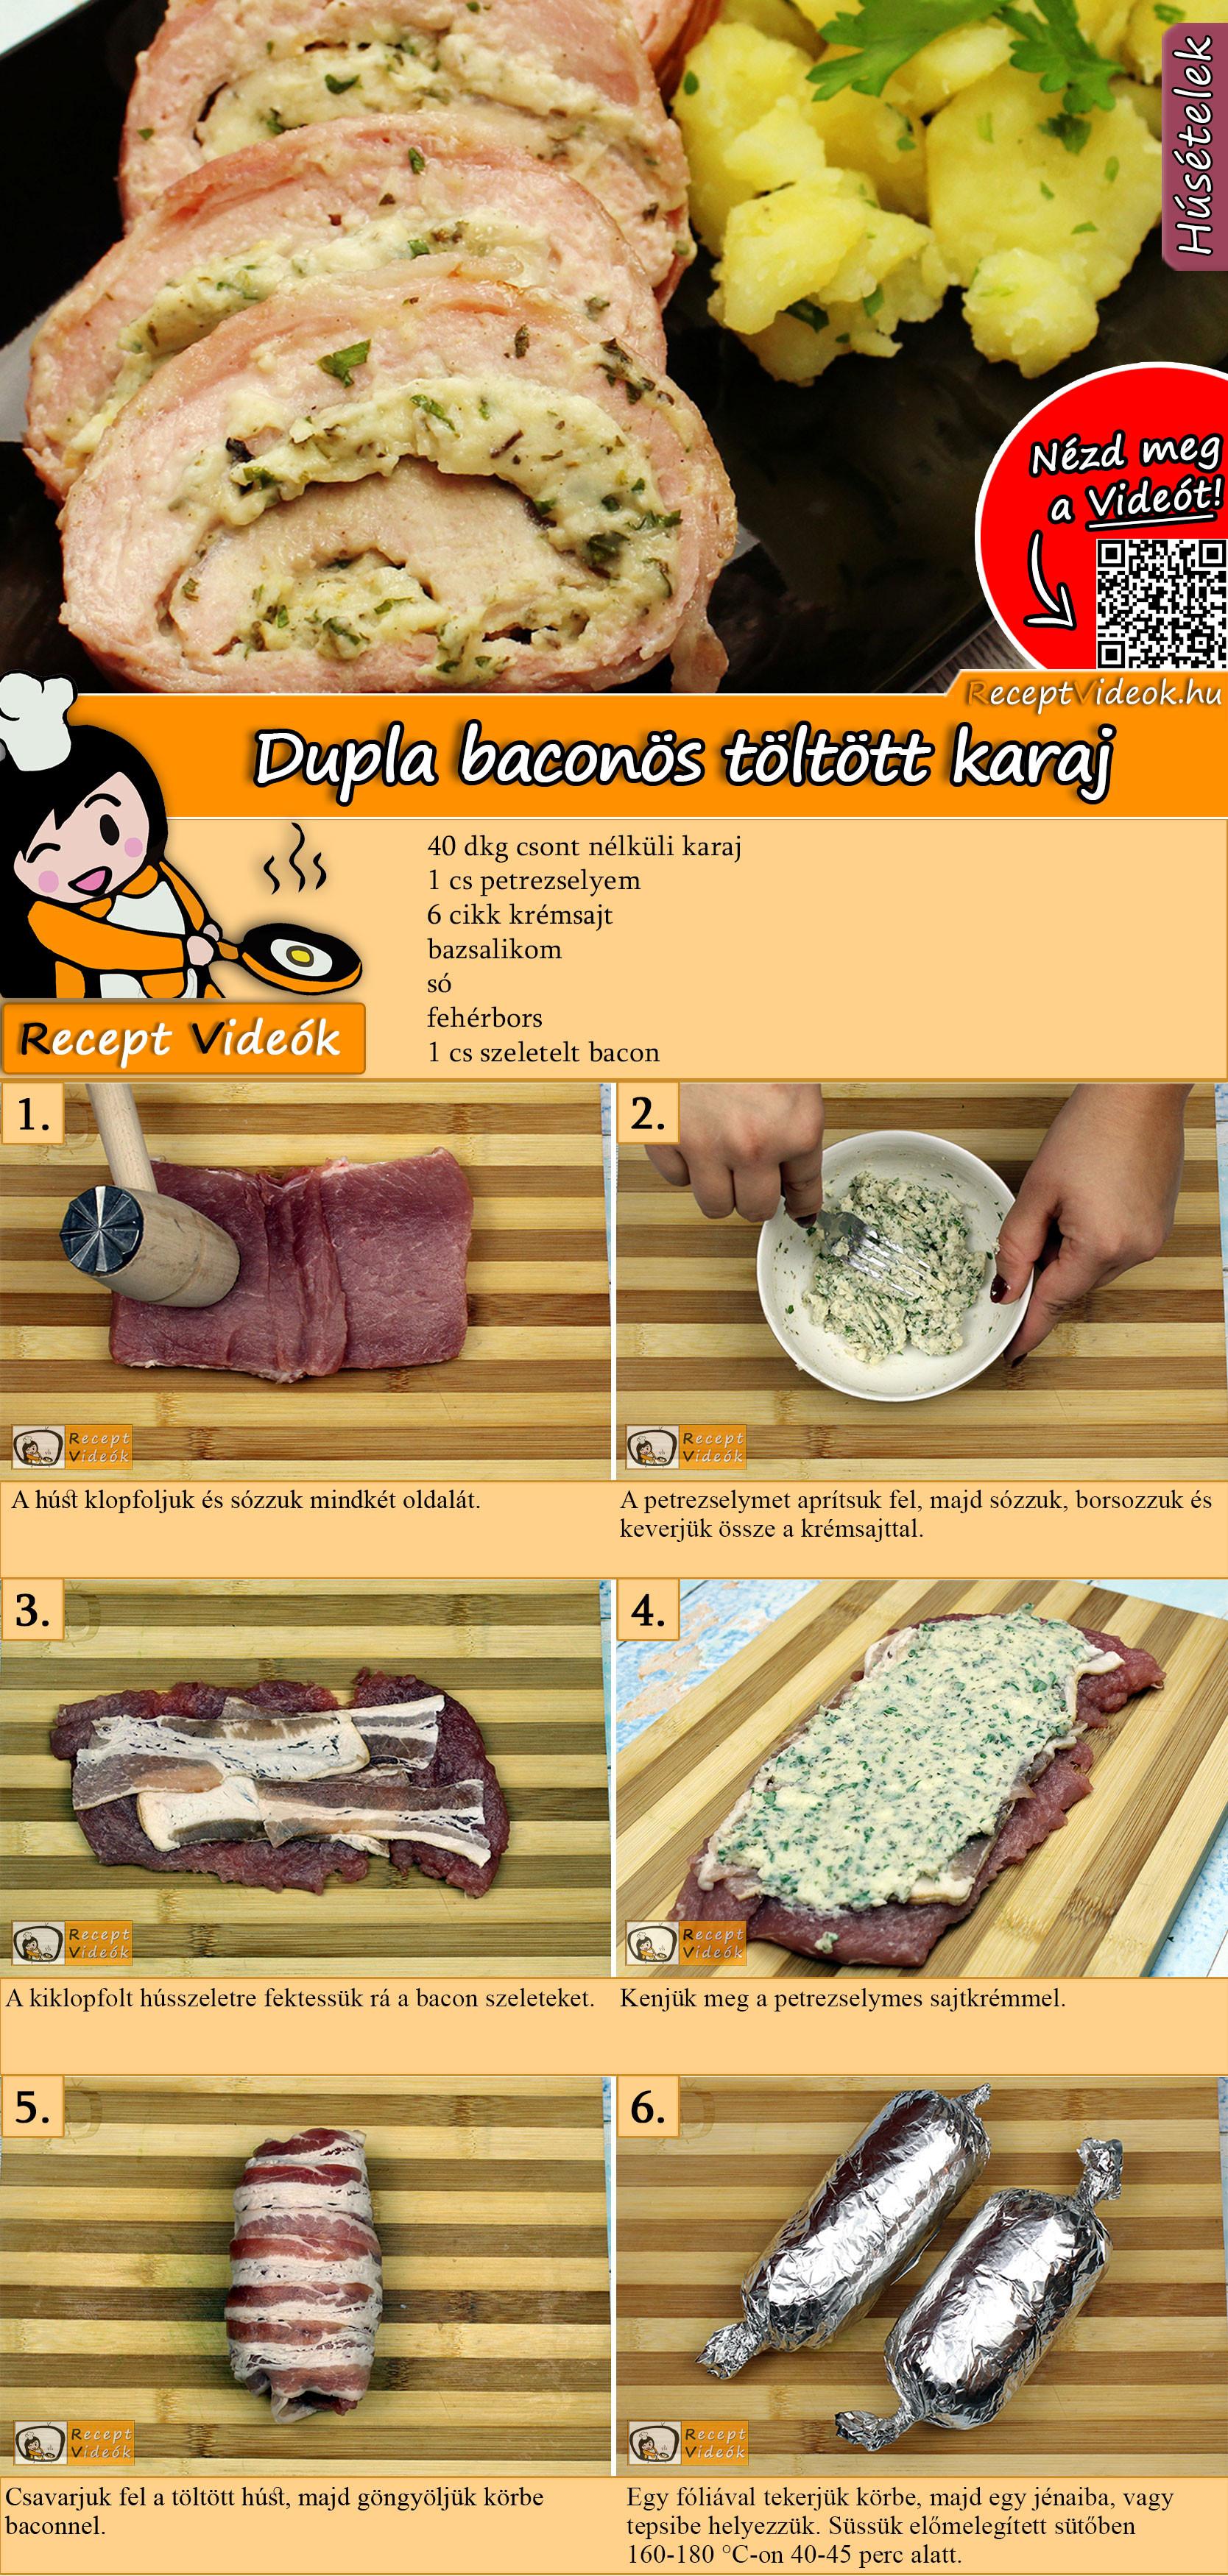 Dupla baconös töltött karaj recept elkészítése videóval